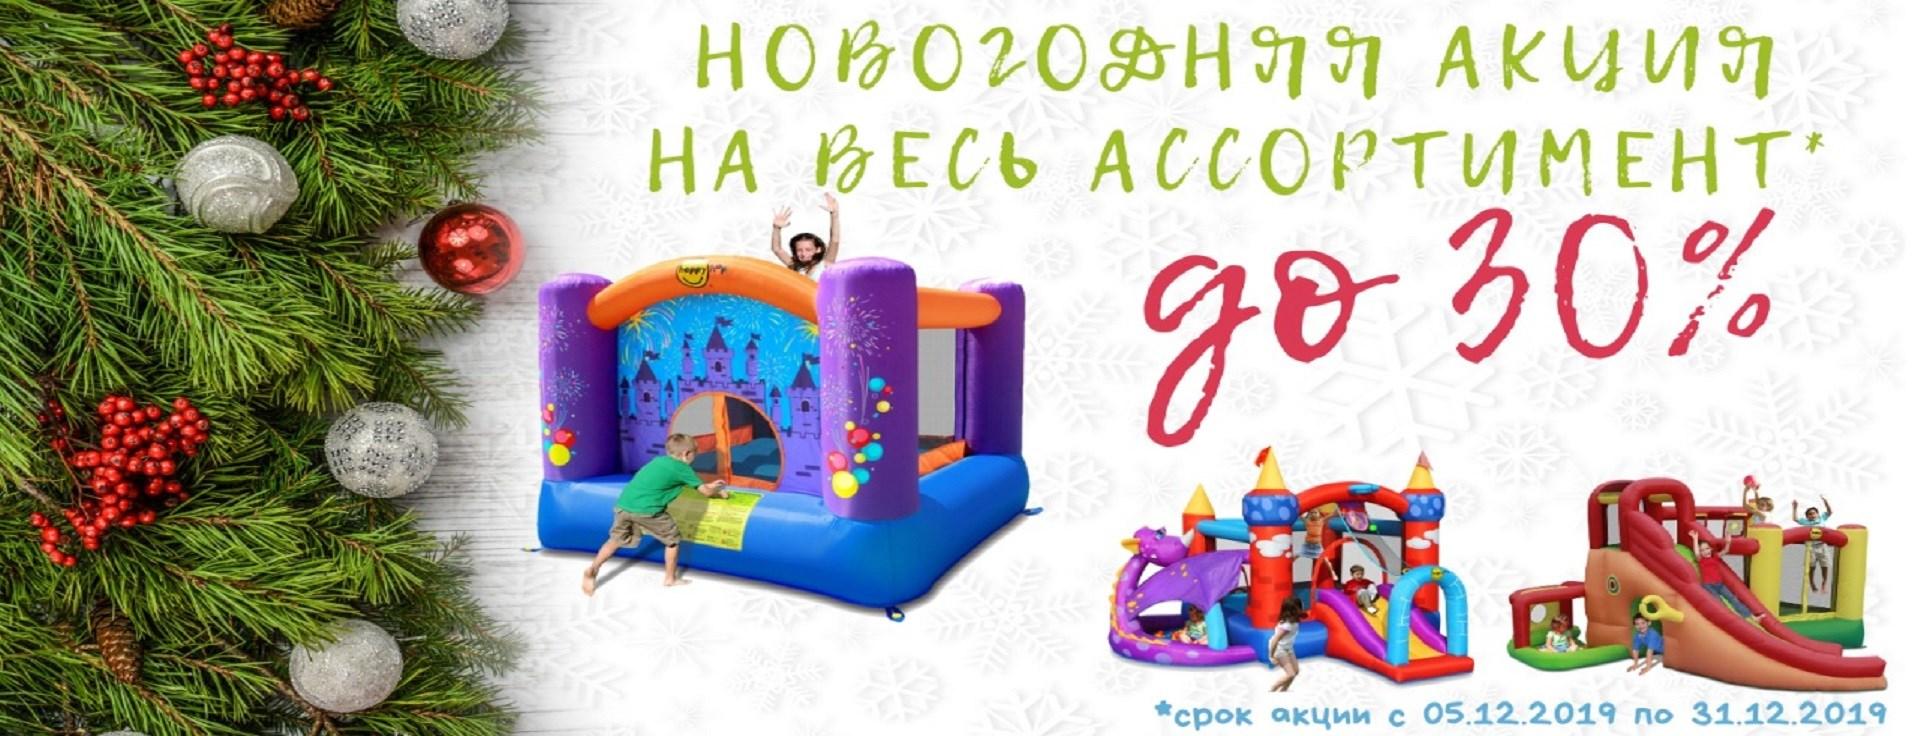 Новогодняя акция на надувные батуты Happy Hop скидка до 30%